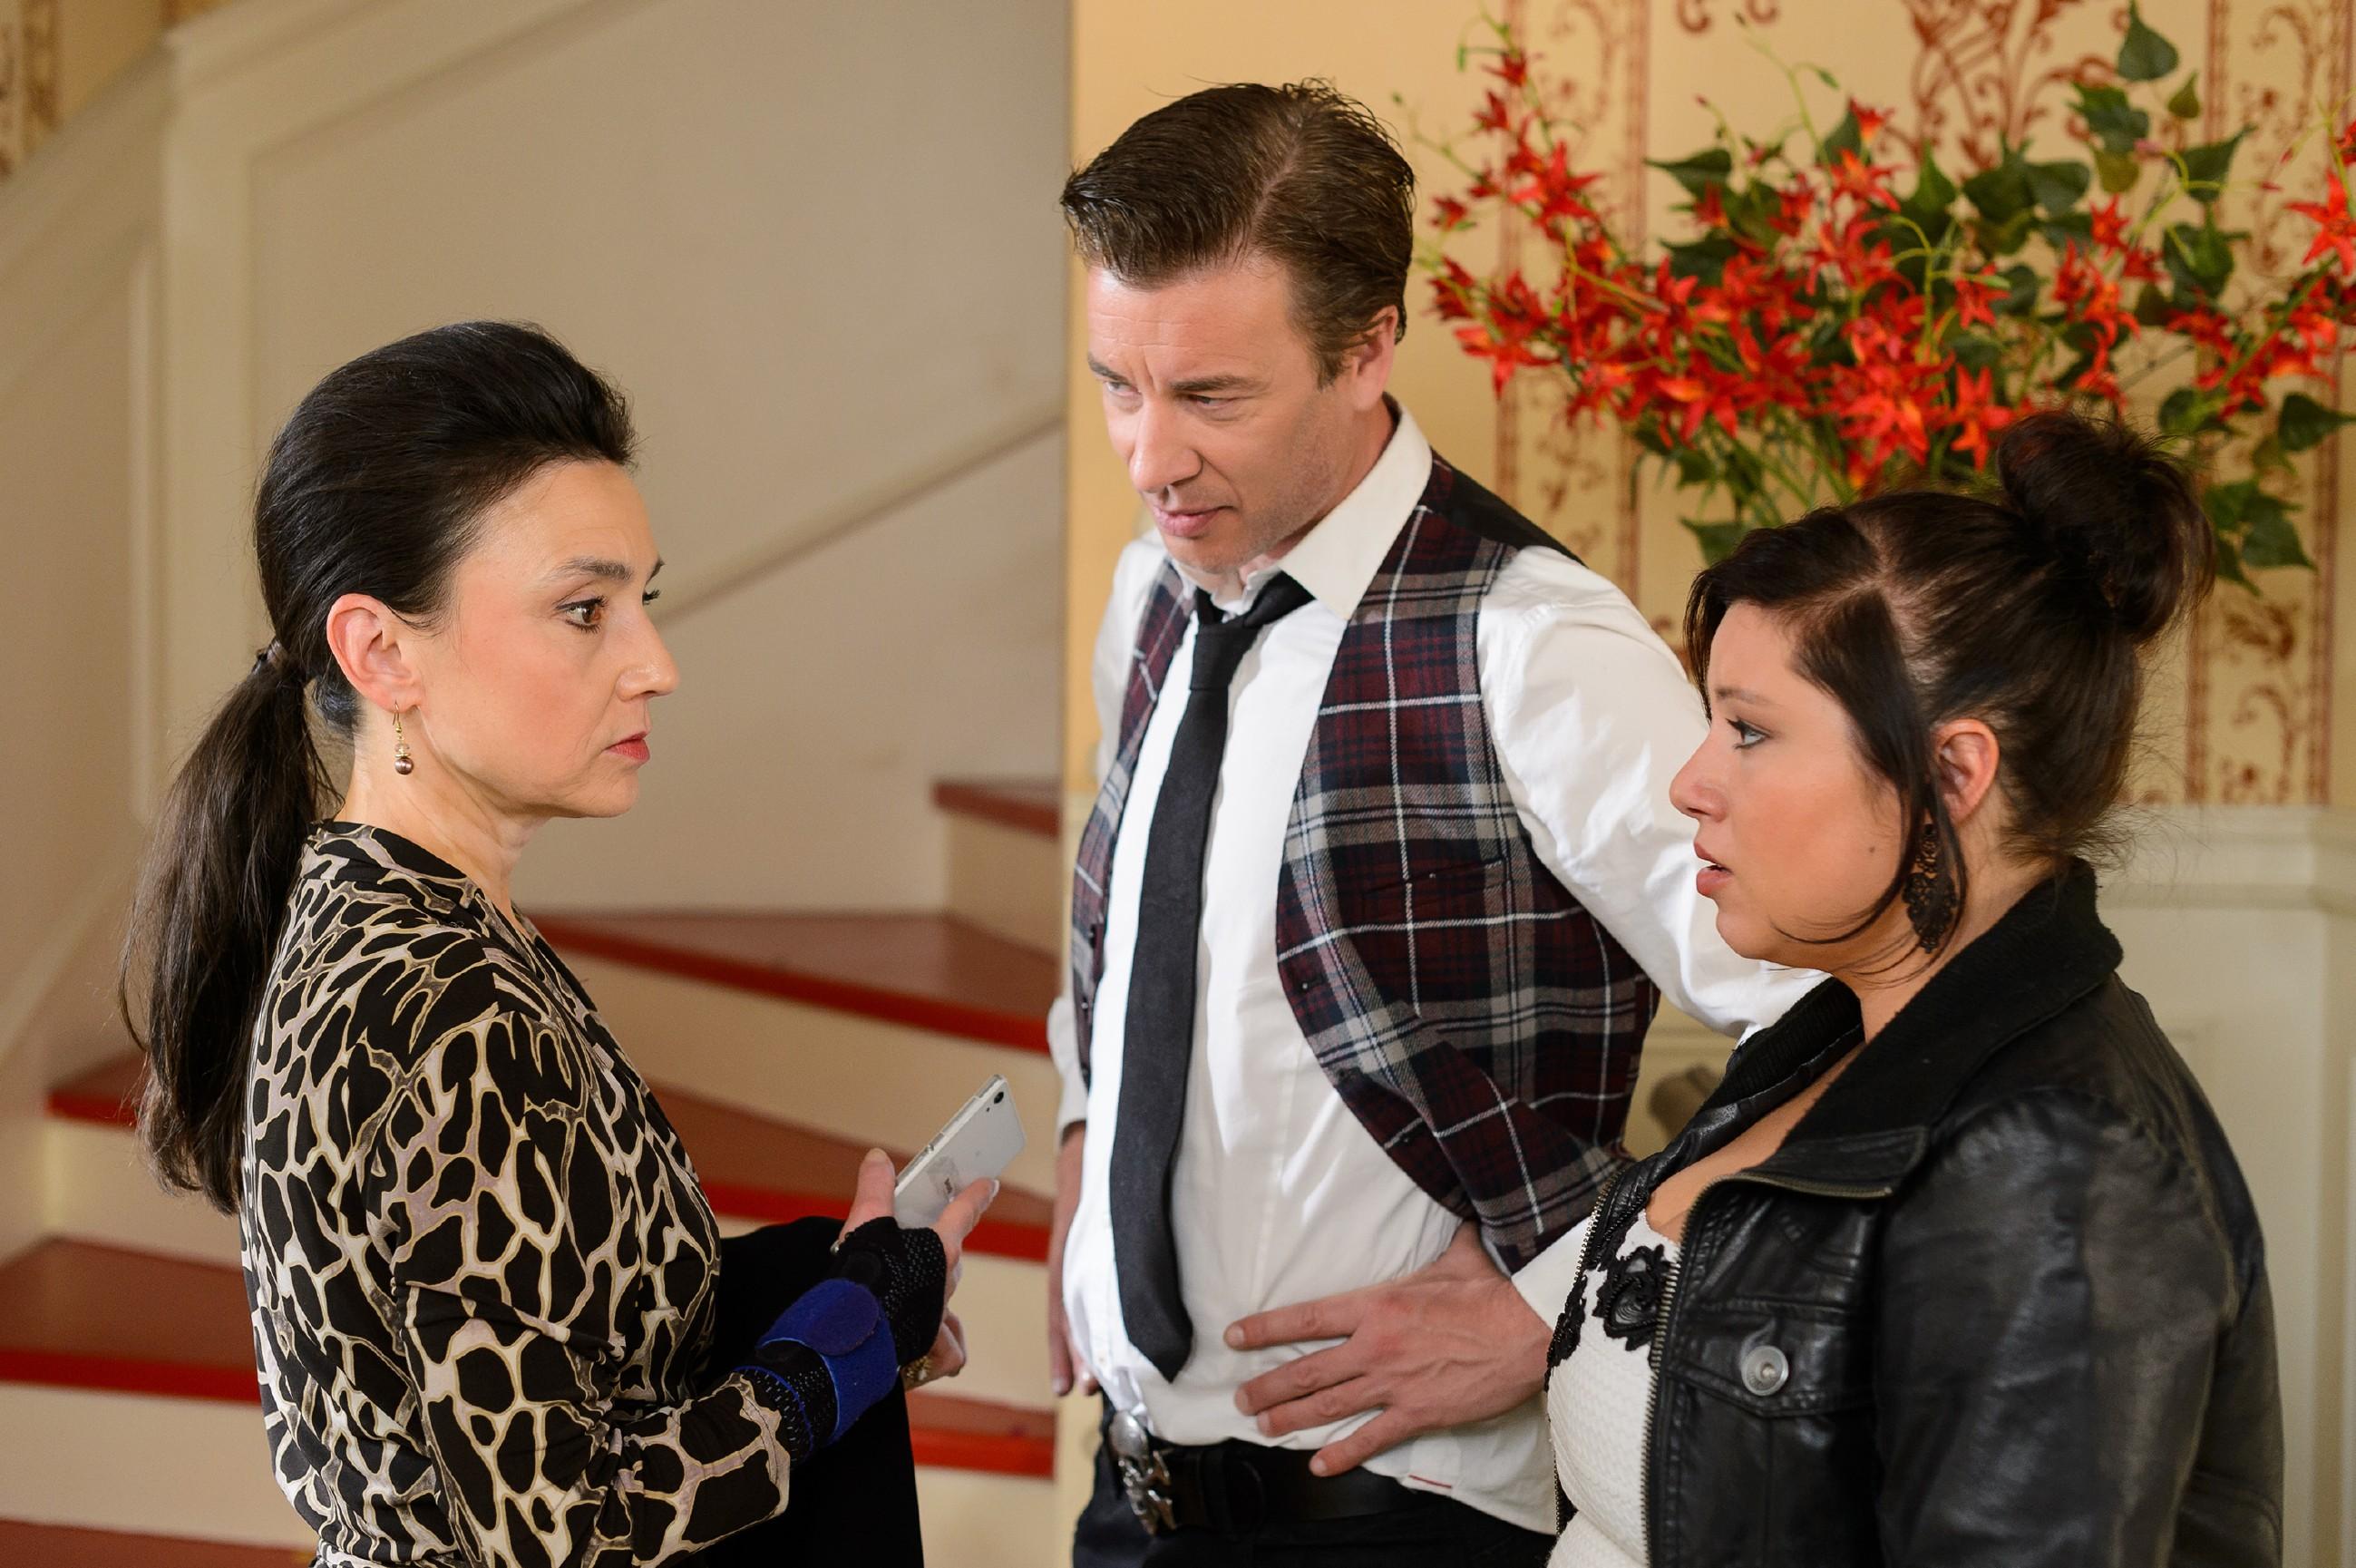 Als Simone (Tatjana Clasing, l.) ihnen aus dem Weg zu gehen scheint, sehen Vanessa (Julia Augustin) und Christoph (Lars Korten) ihre Befürchtung bestätigt, dass sie mit ihrer spontanen Hochzeit nicht ganz einverstanden ist. (Quelle: RTL / Willi Weber)